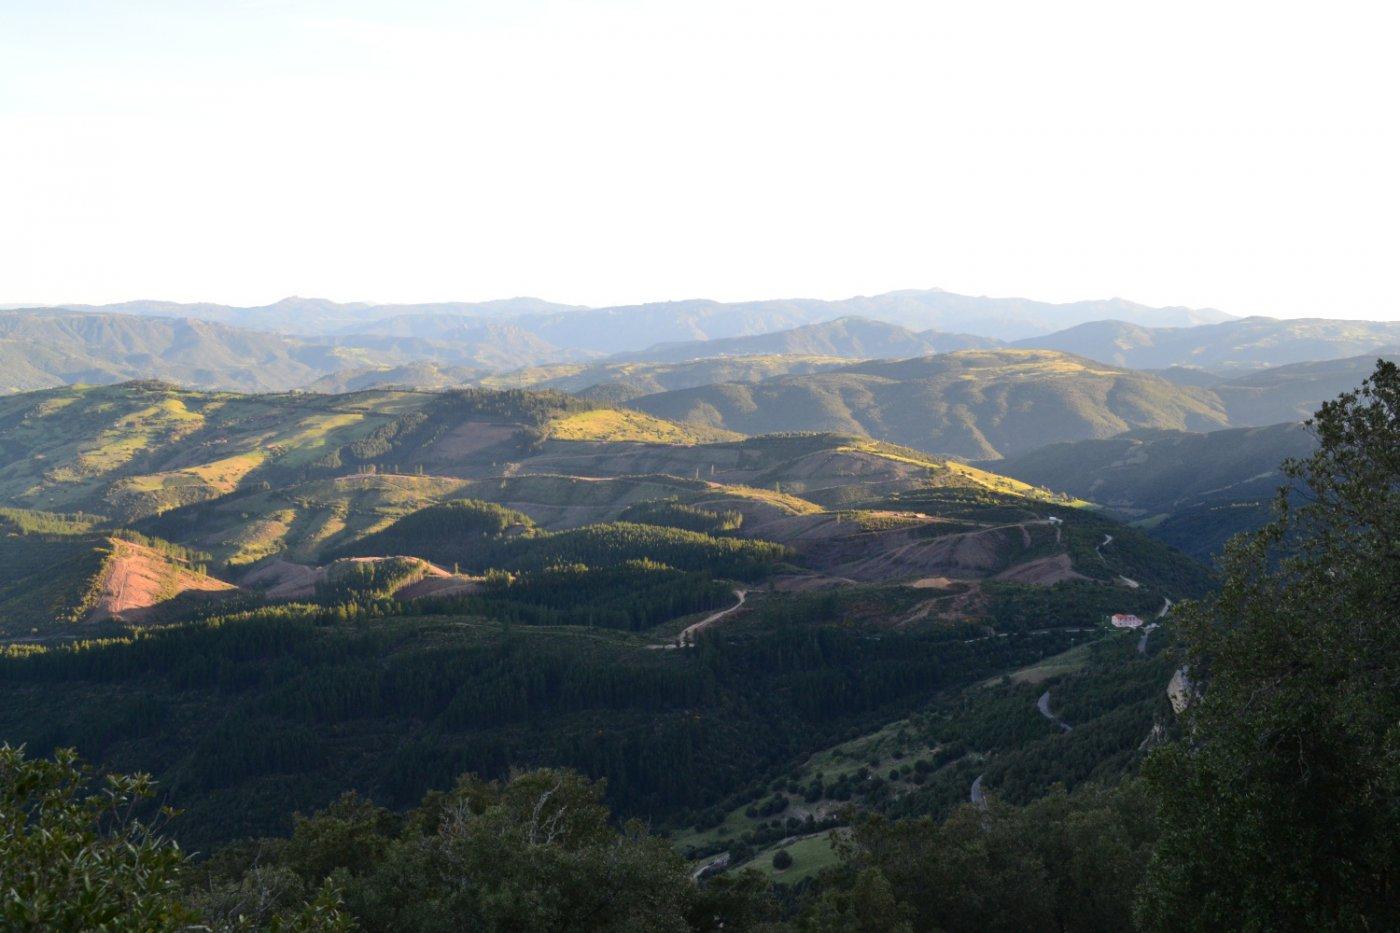 salendo si apre la vista sulle colline sottostanti